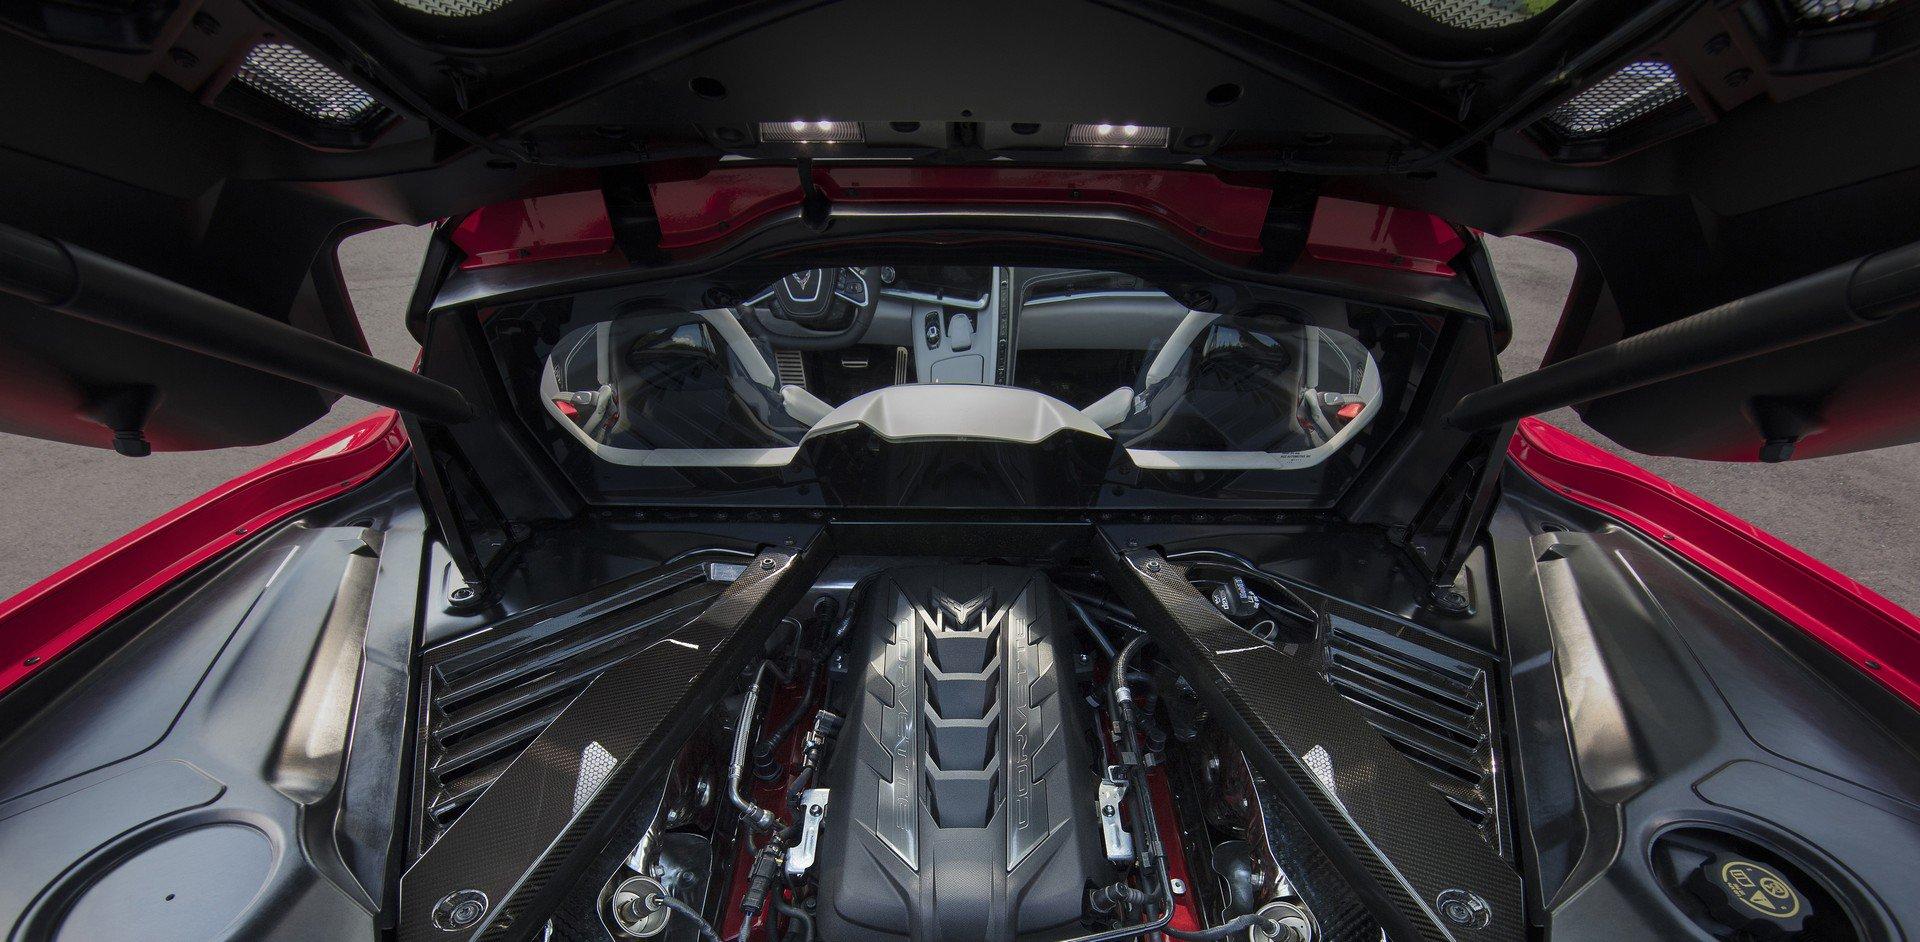 Chevrolet ra mắt Corvette C8 thế hệ mới thiết kế táo bạo, động cơ đặt giữa - 3